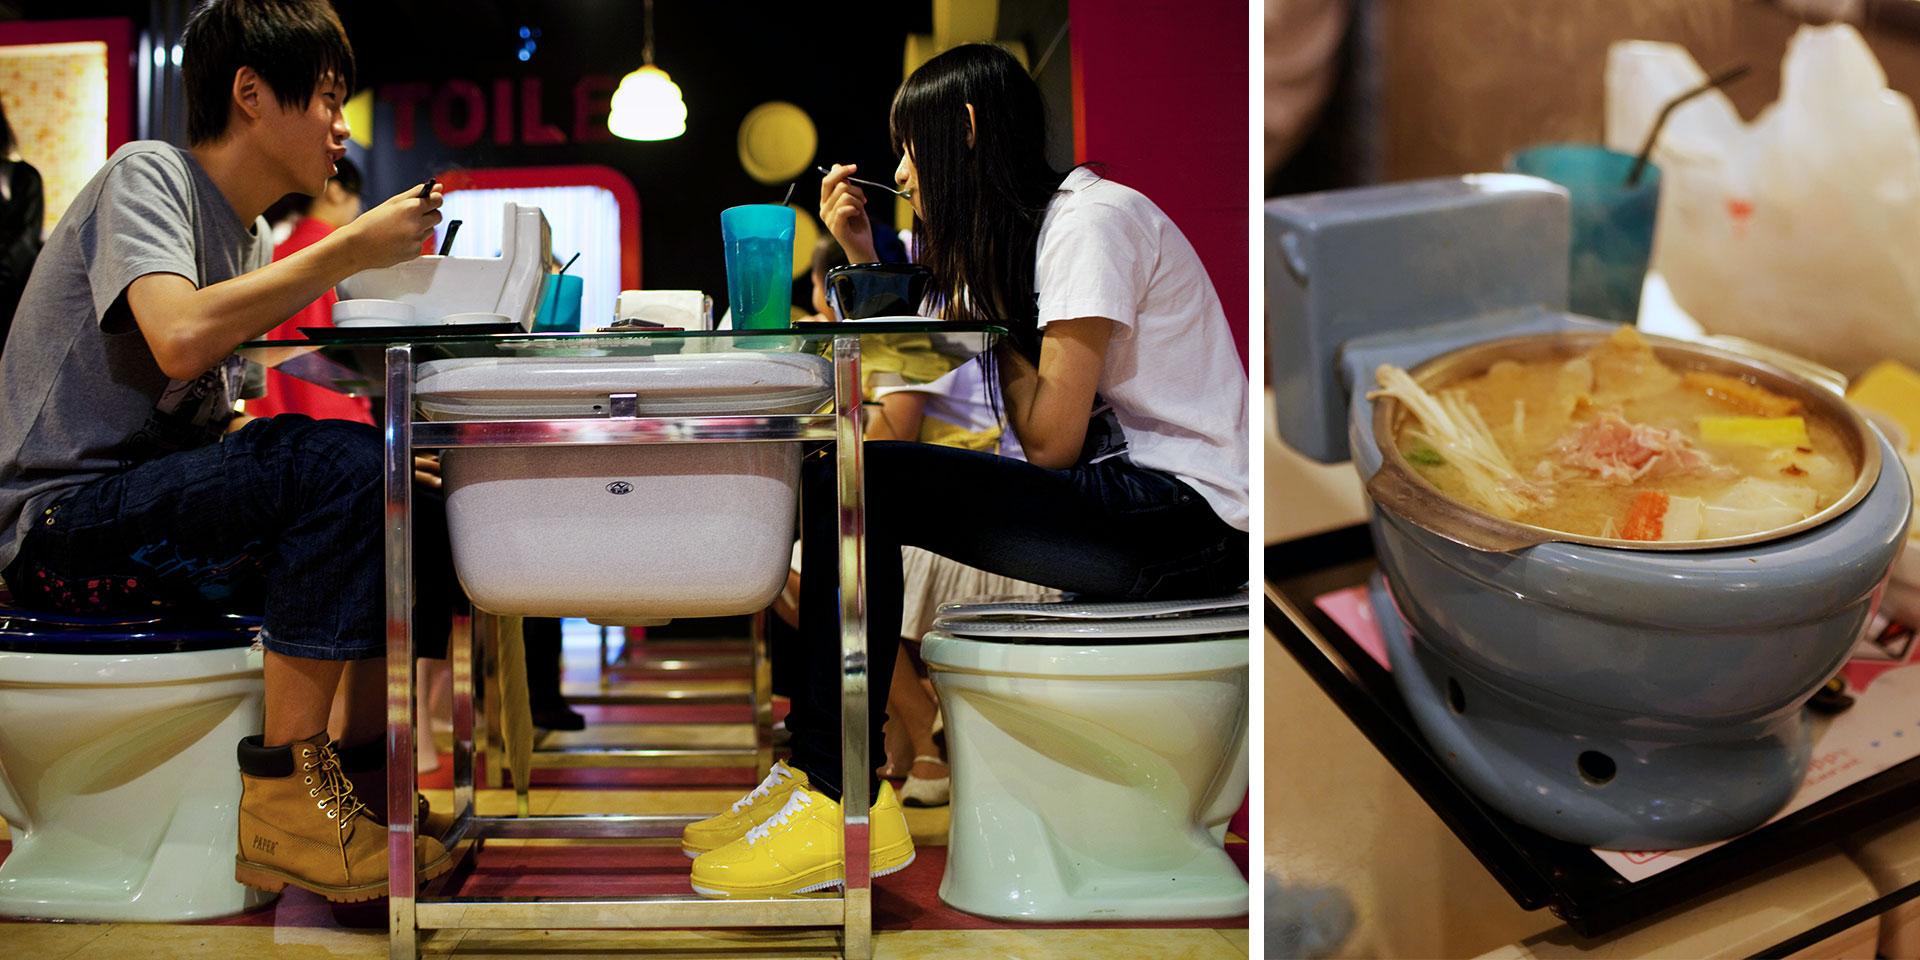 modern toilet resaurant, f'd up news